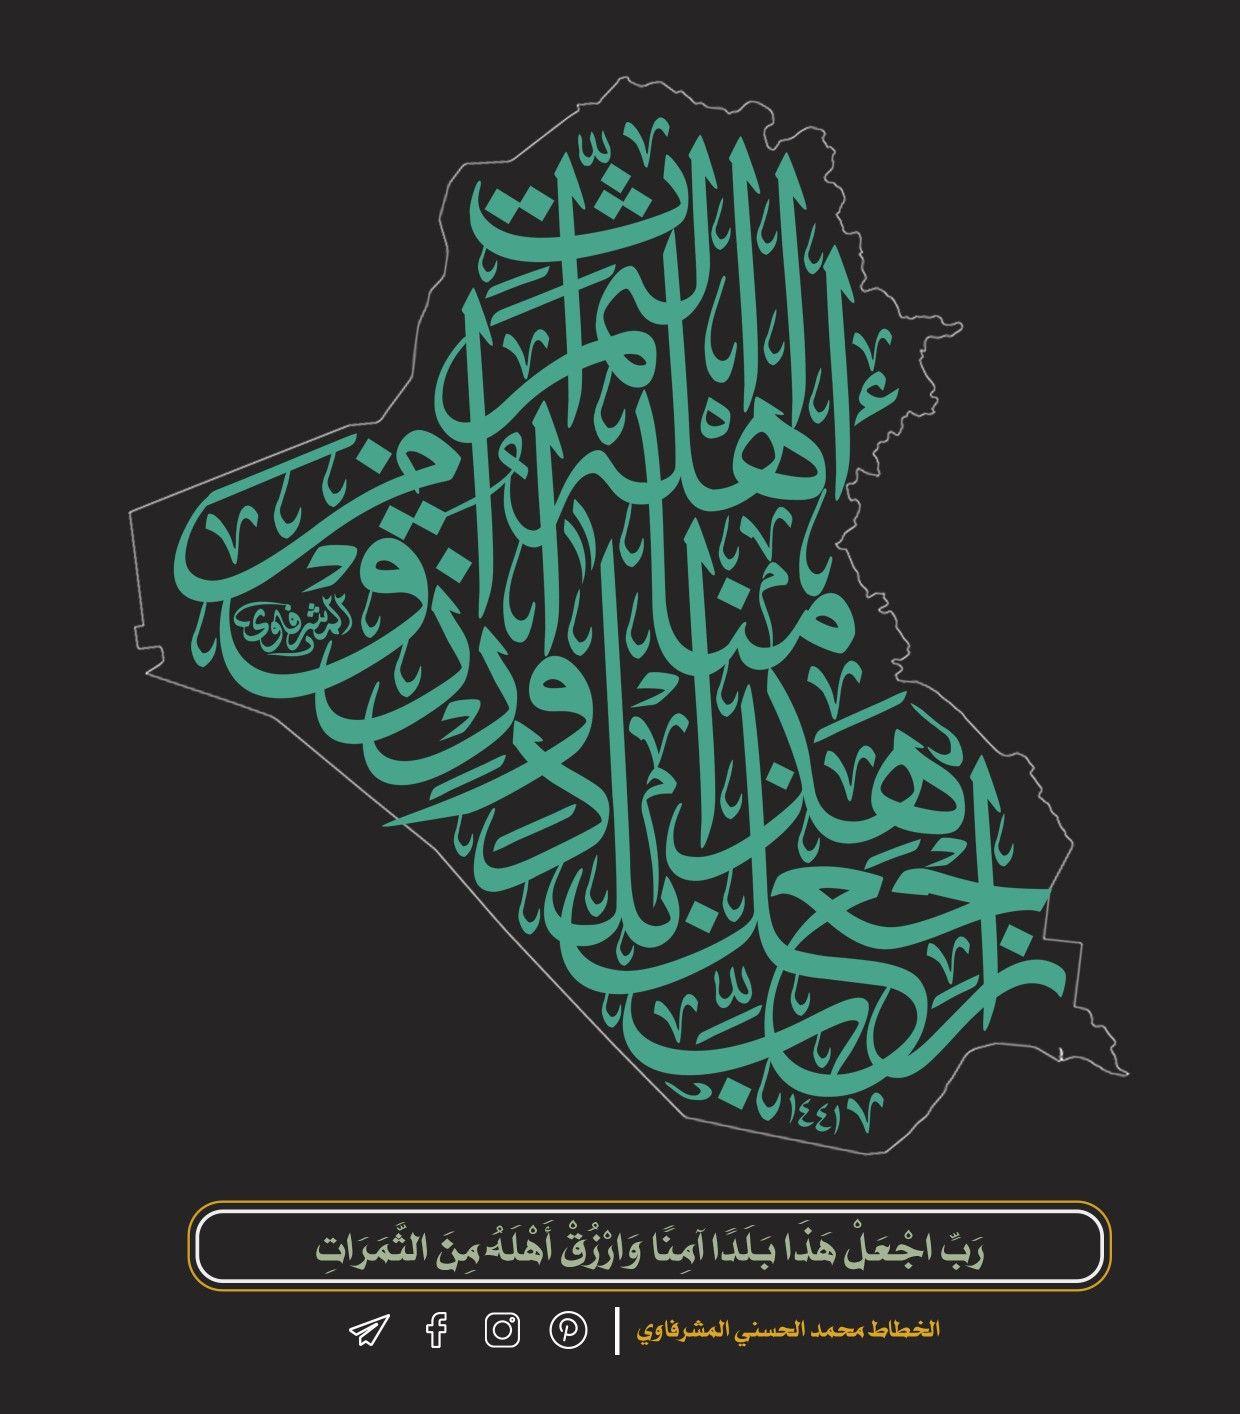 صحيفة عنيزة اليوم اللهم